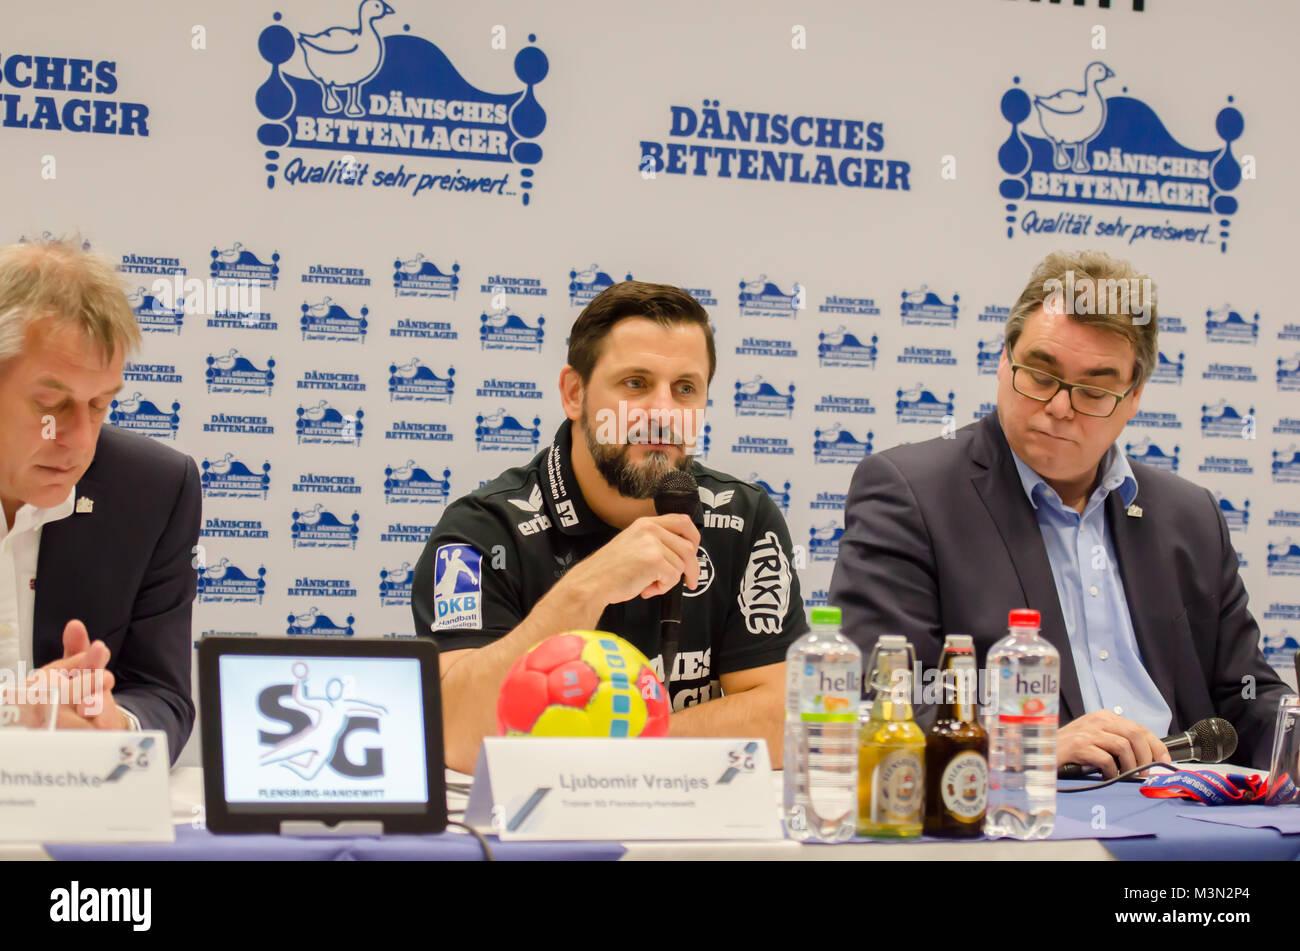 Pressekonferenz des Handball-Bundesligist SG Flensburg-Handewitt am 30.10.2016 in der Flenst-Arena in Flensburg; - Stock Image